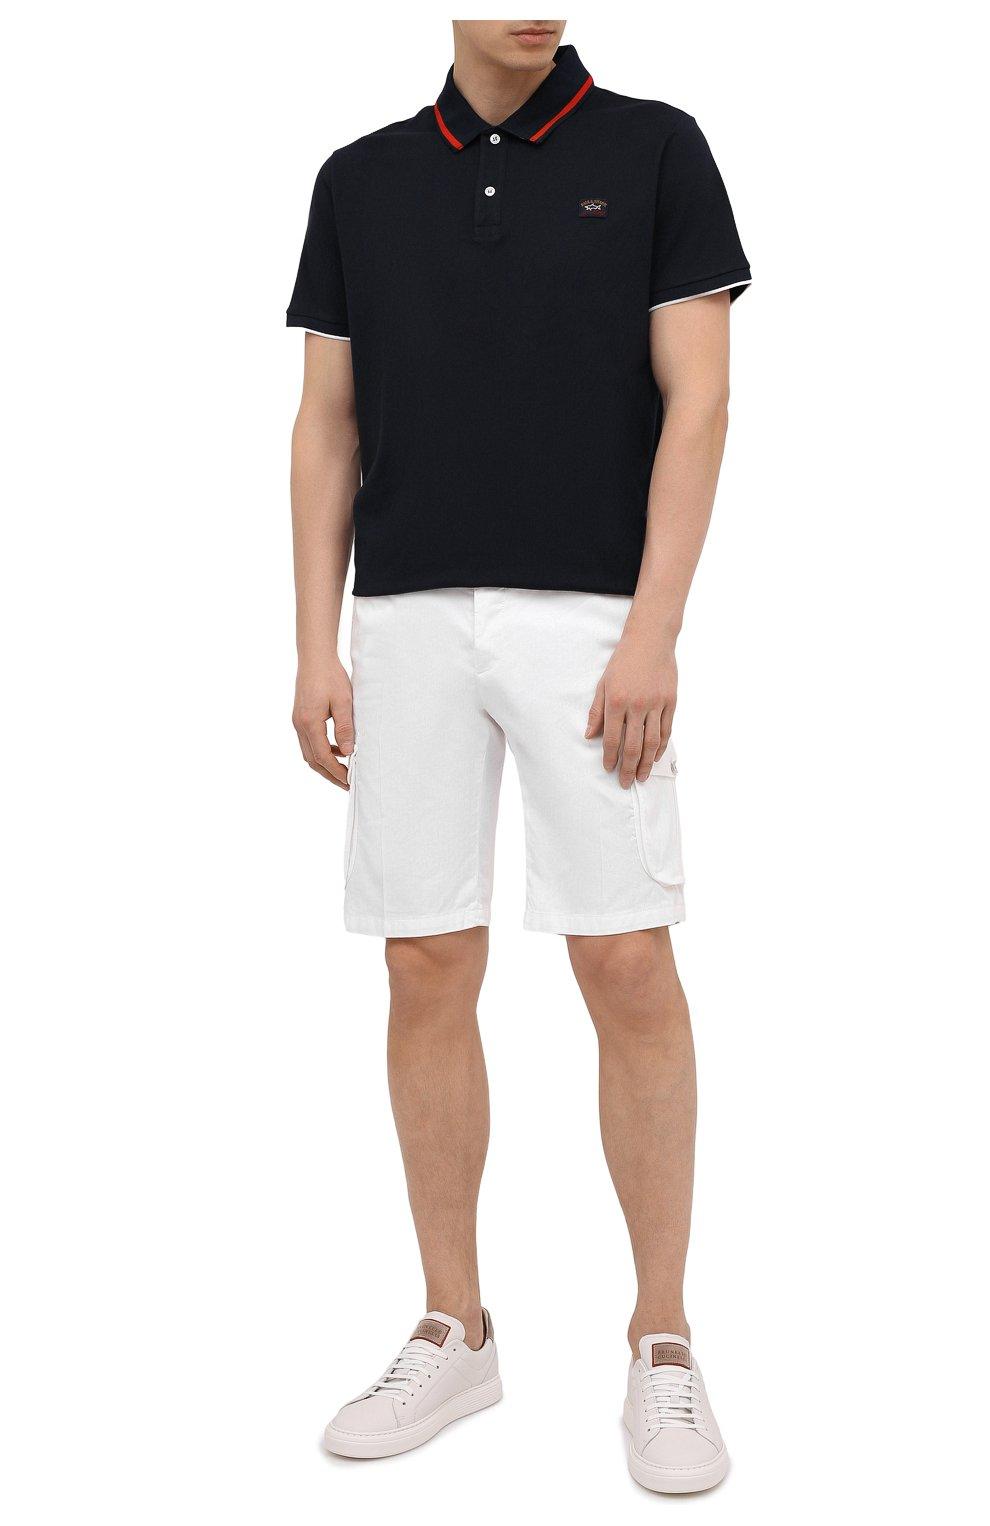 Мужские шорты изо льна и хлопка KITON белого цвета, арт. UFPPBJ07T44   Фото 2 (Мужское Кросс-КТ: Шорты-одежда; Длина Шорты М: До колена; Принт: Без принта; Материал внешний: Хлопок, Лен; Стили: Кэжуэл)